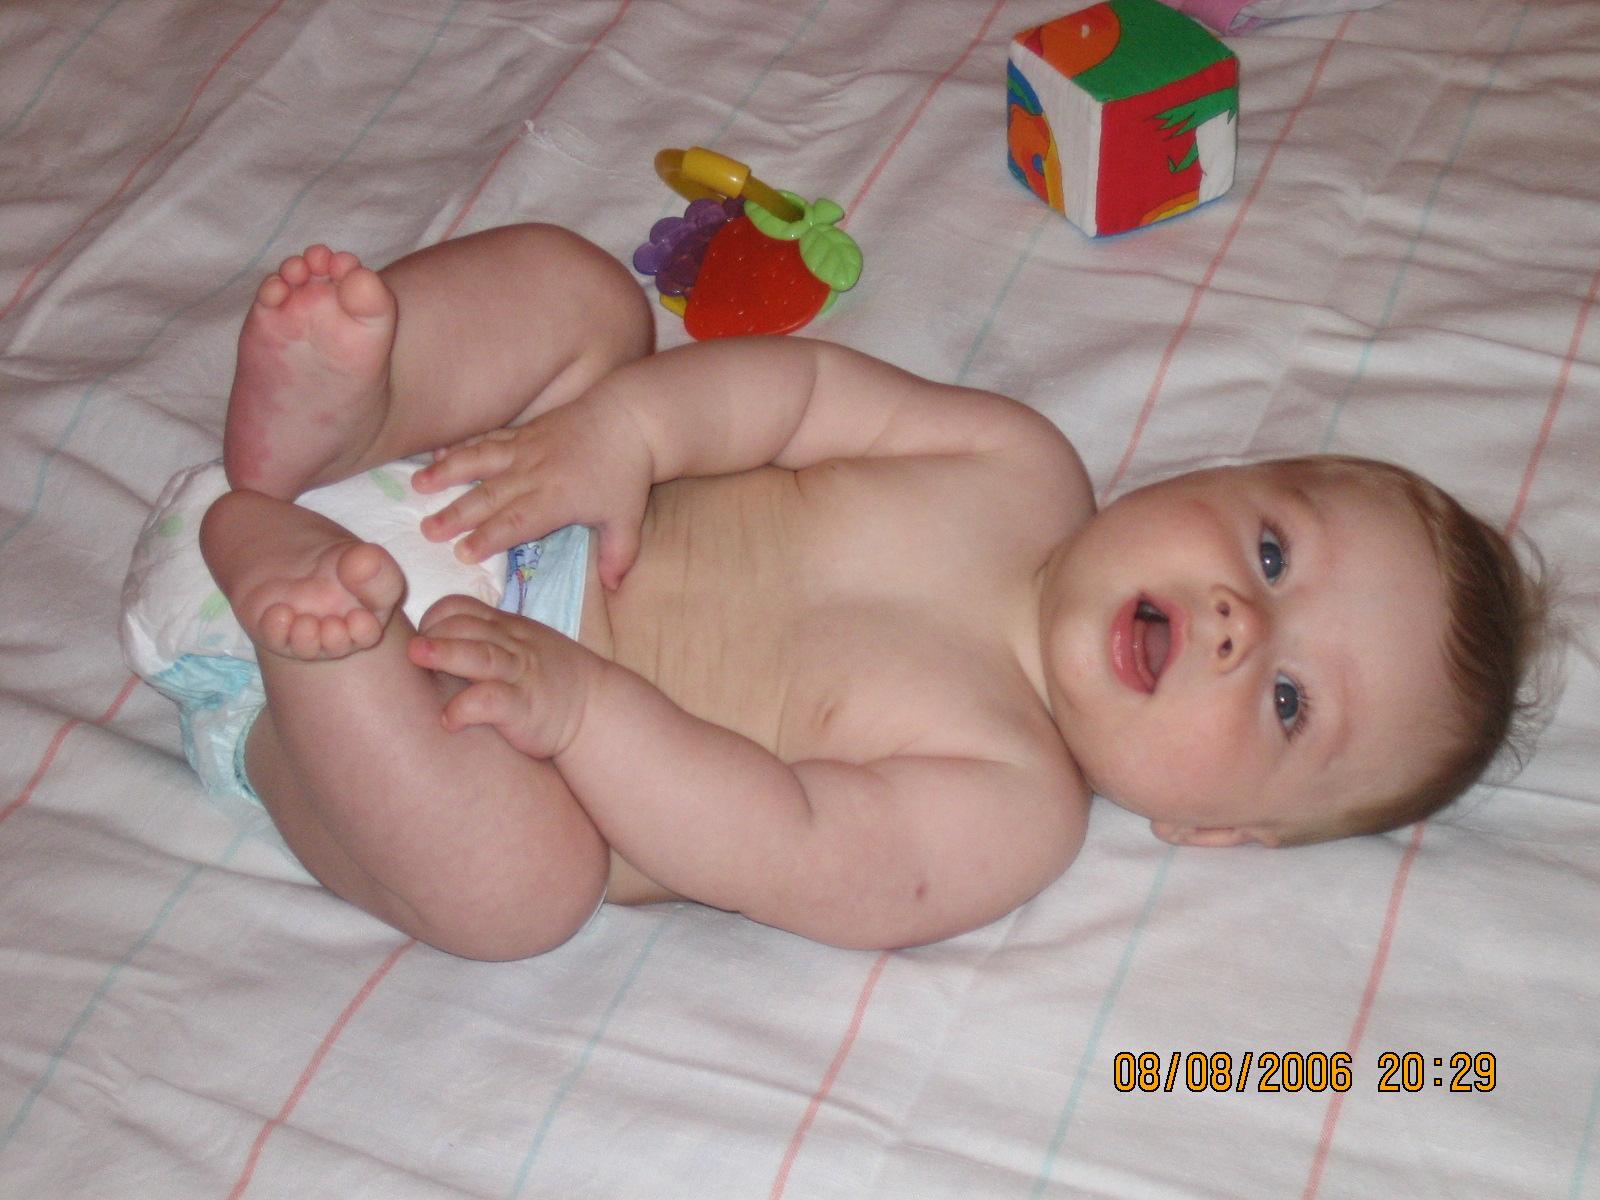 Эй! Мамочка! Поиграй со мной! Я мальчик твой - совсем сухой!. Сухие попки